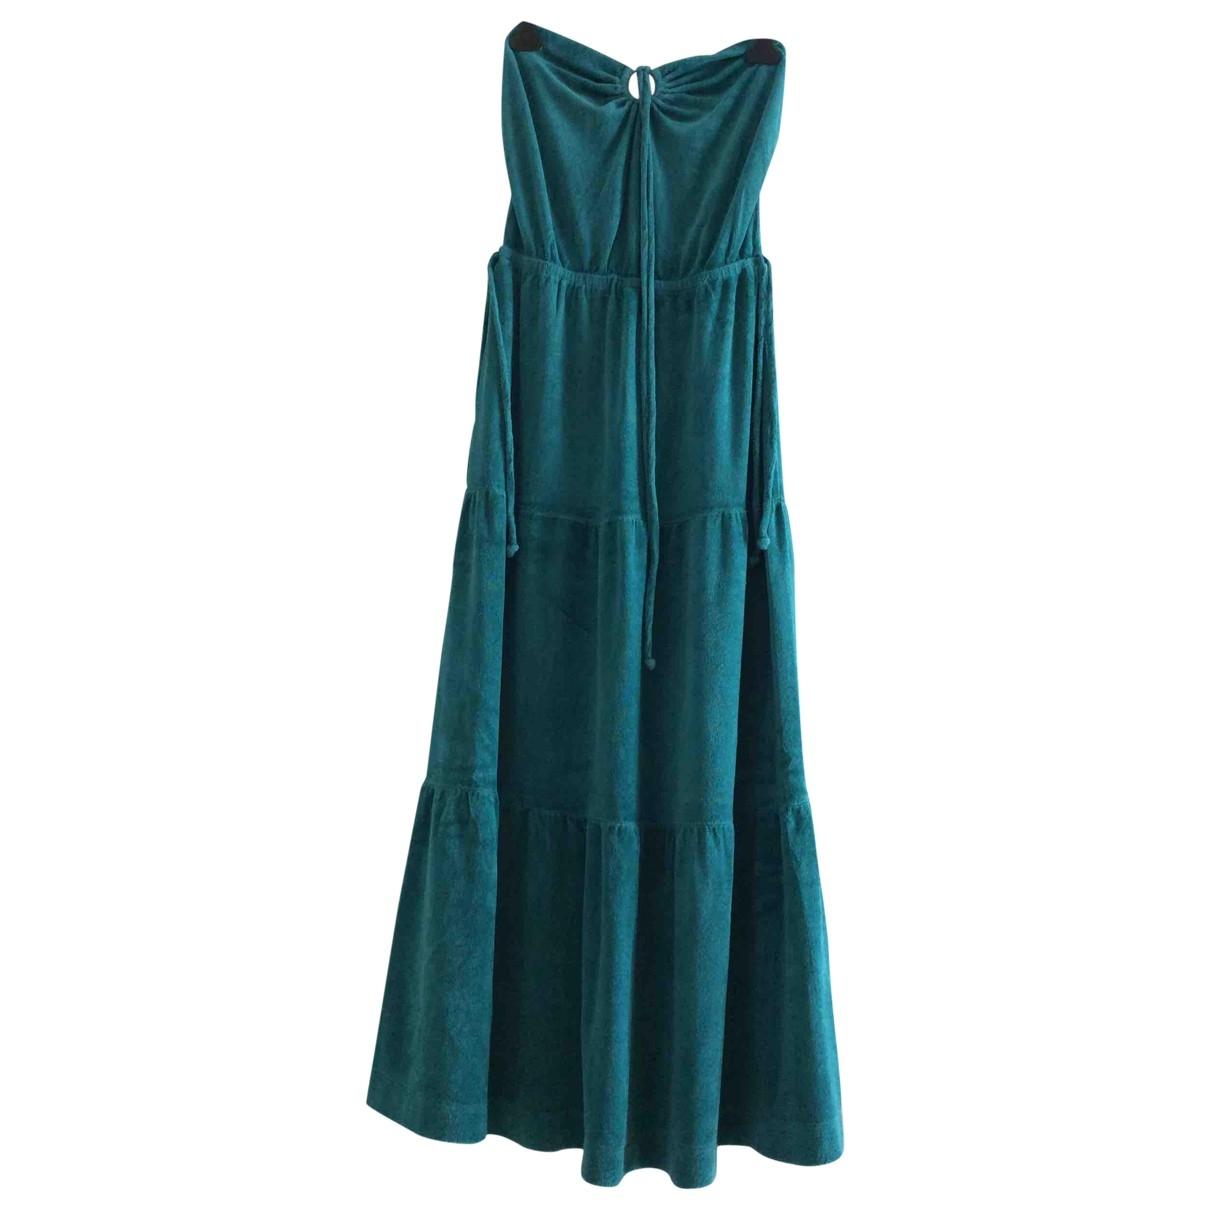 Juicy Couture - Robe   pour femme en coton - vert